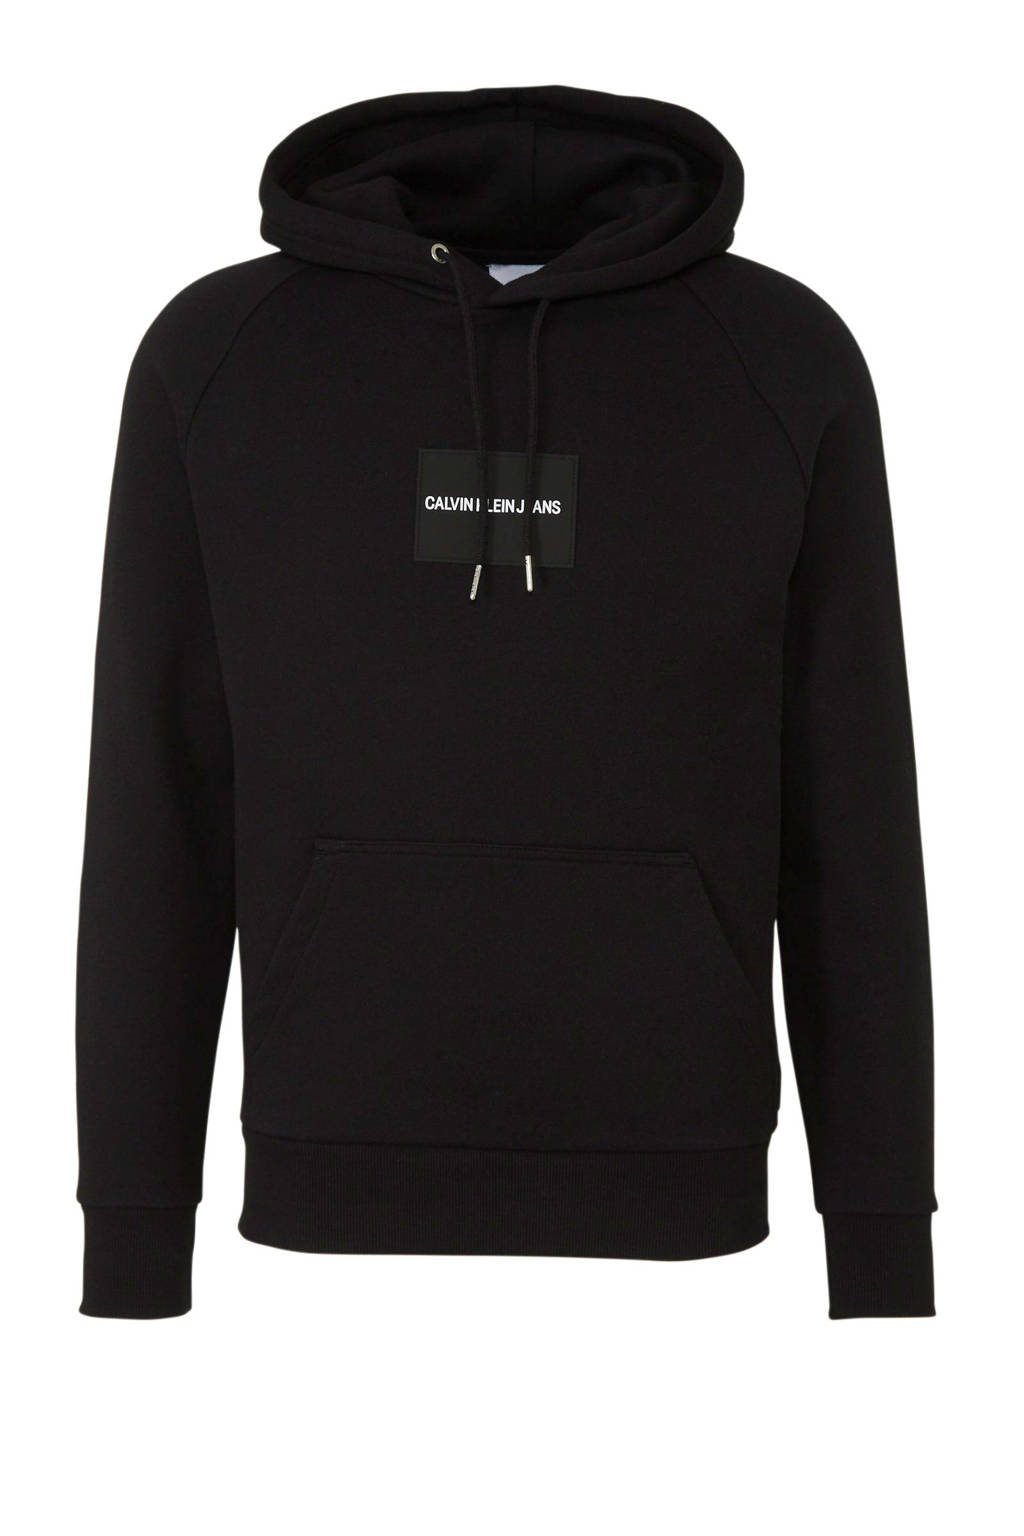 CALVIN KLEIN JEANS hoodie met printopdruk zwart, Zwart